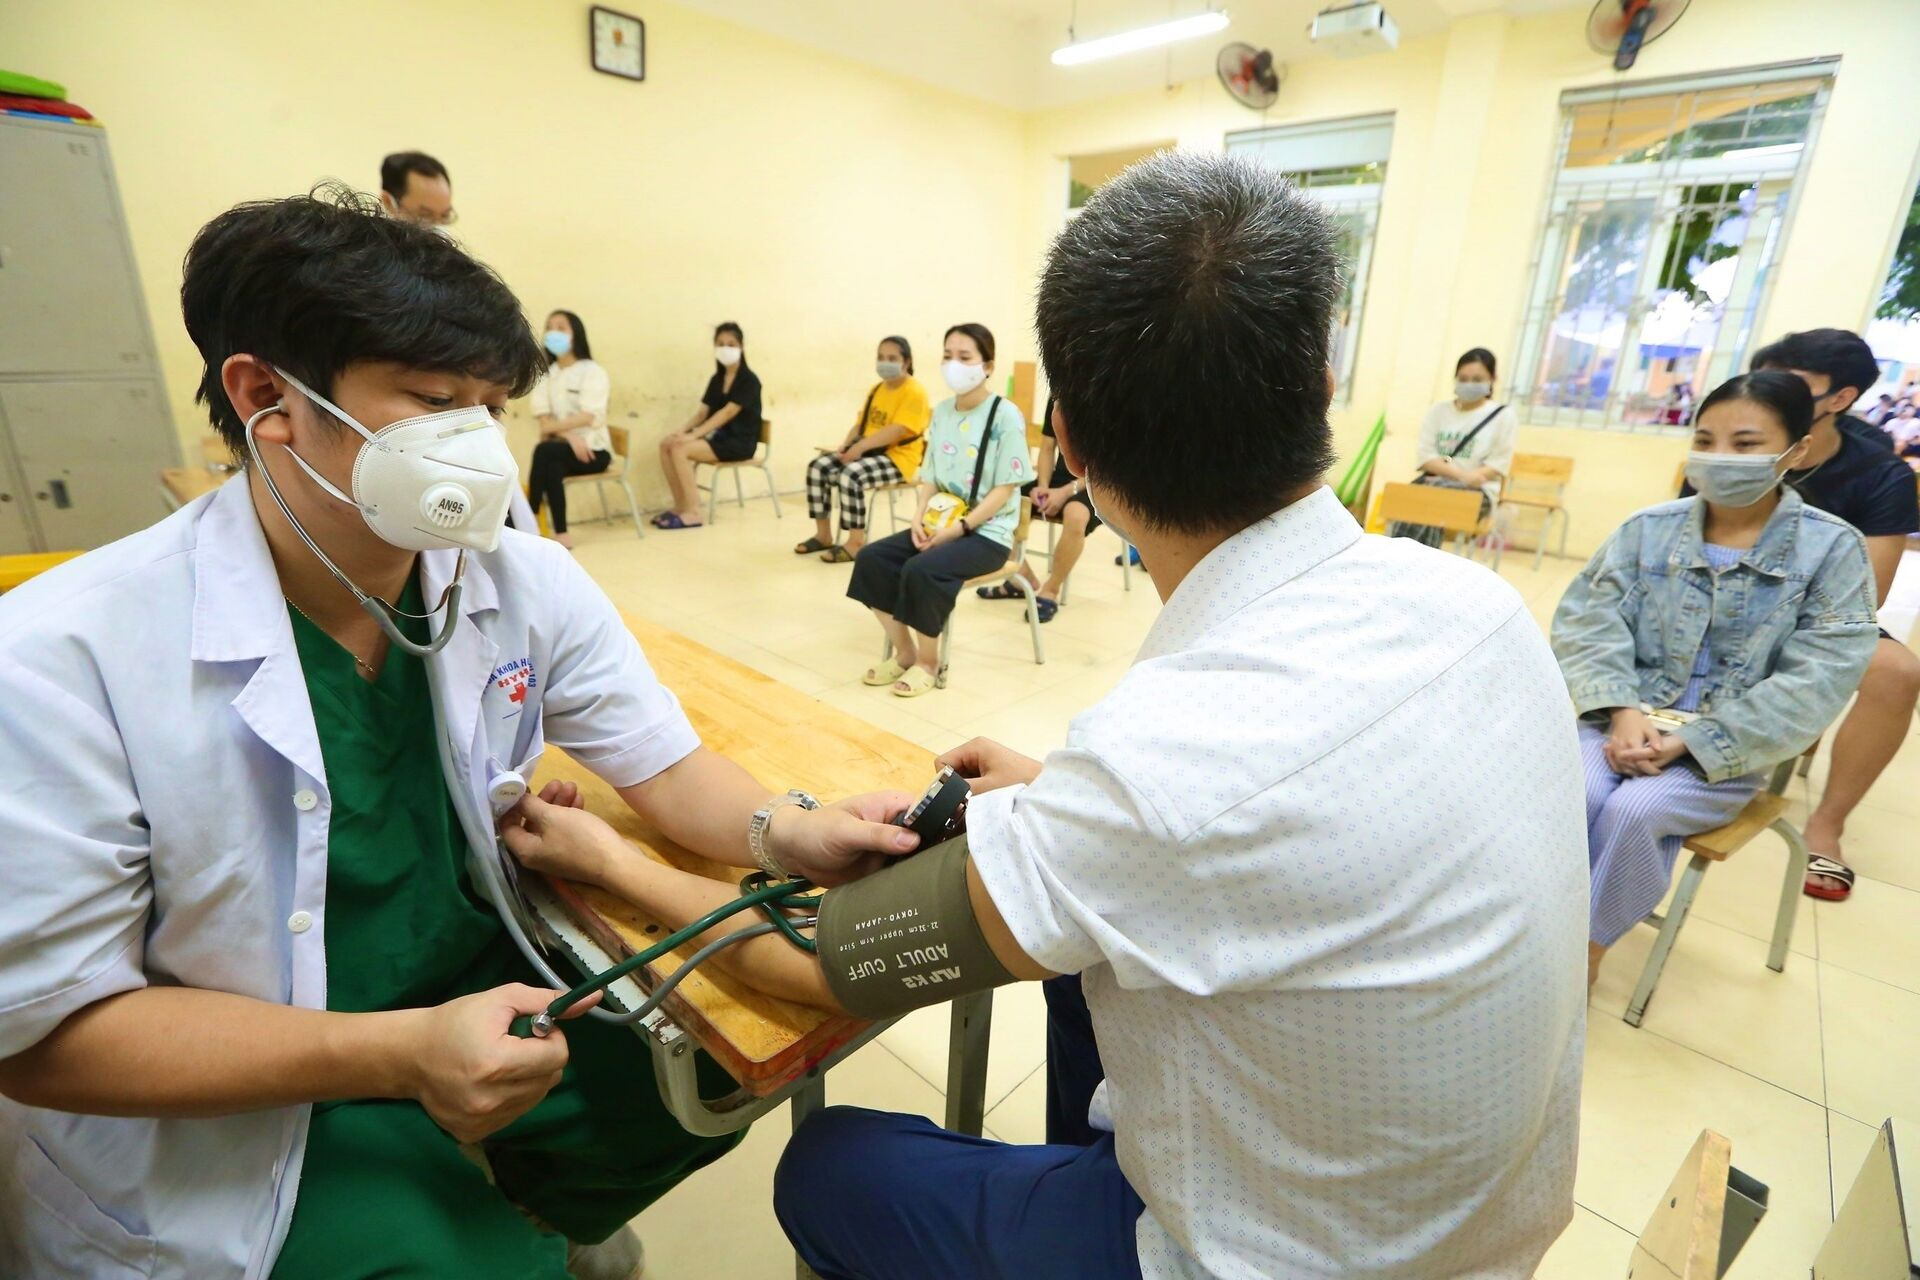 Bác sĩ Bùi Vũ Giang - Bệnh viện hữu nghị Quốc tế Hà Nội đo kiểm tra huyết áp cho người dân phường Mễ Trì trước khi tiêm, sáng 14/9 - Sputnik Việt Nam, 1920, 05.10.2021